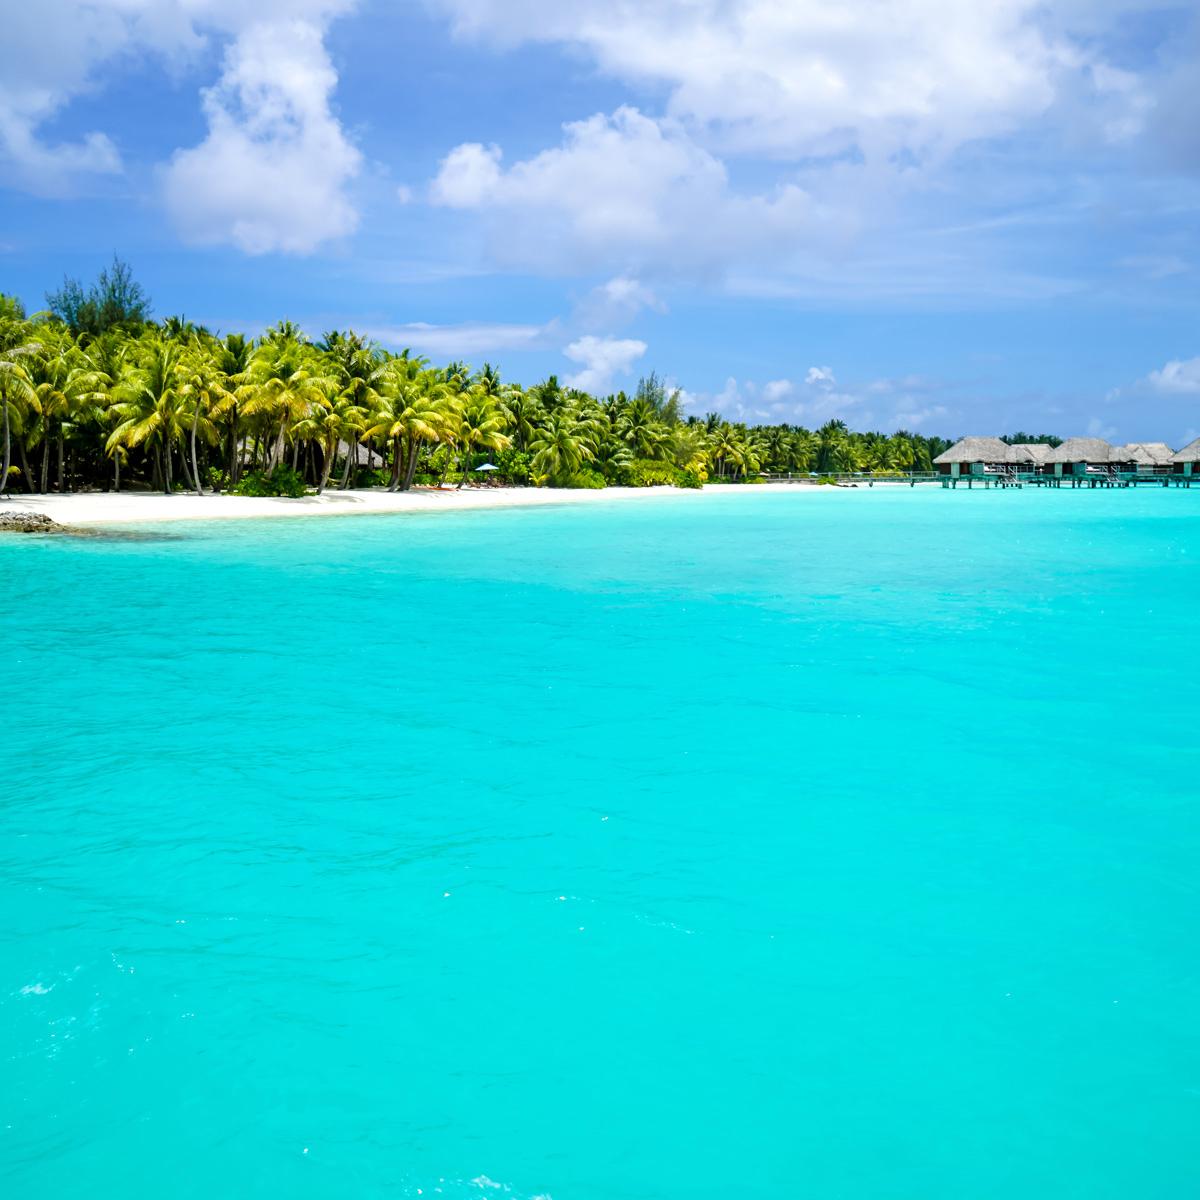 ずーっと眺めていてもまったく飽きない! ラグーンが素晴らしく美しい、ボラボラ島。タヒチはアイランドホッピングもおすすめだそう。